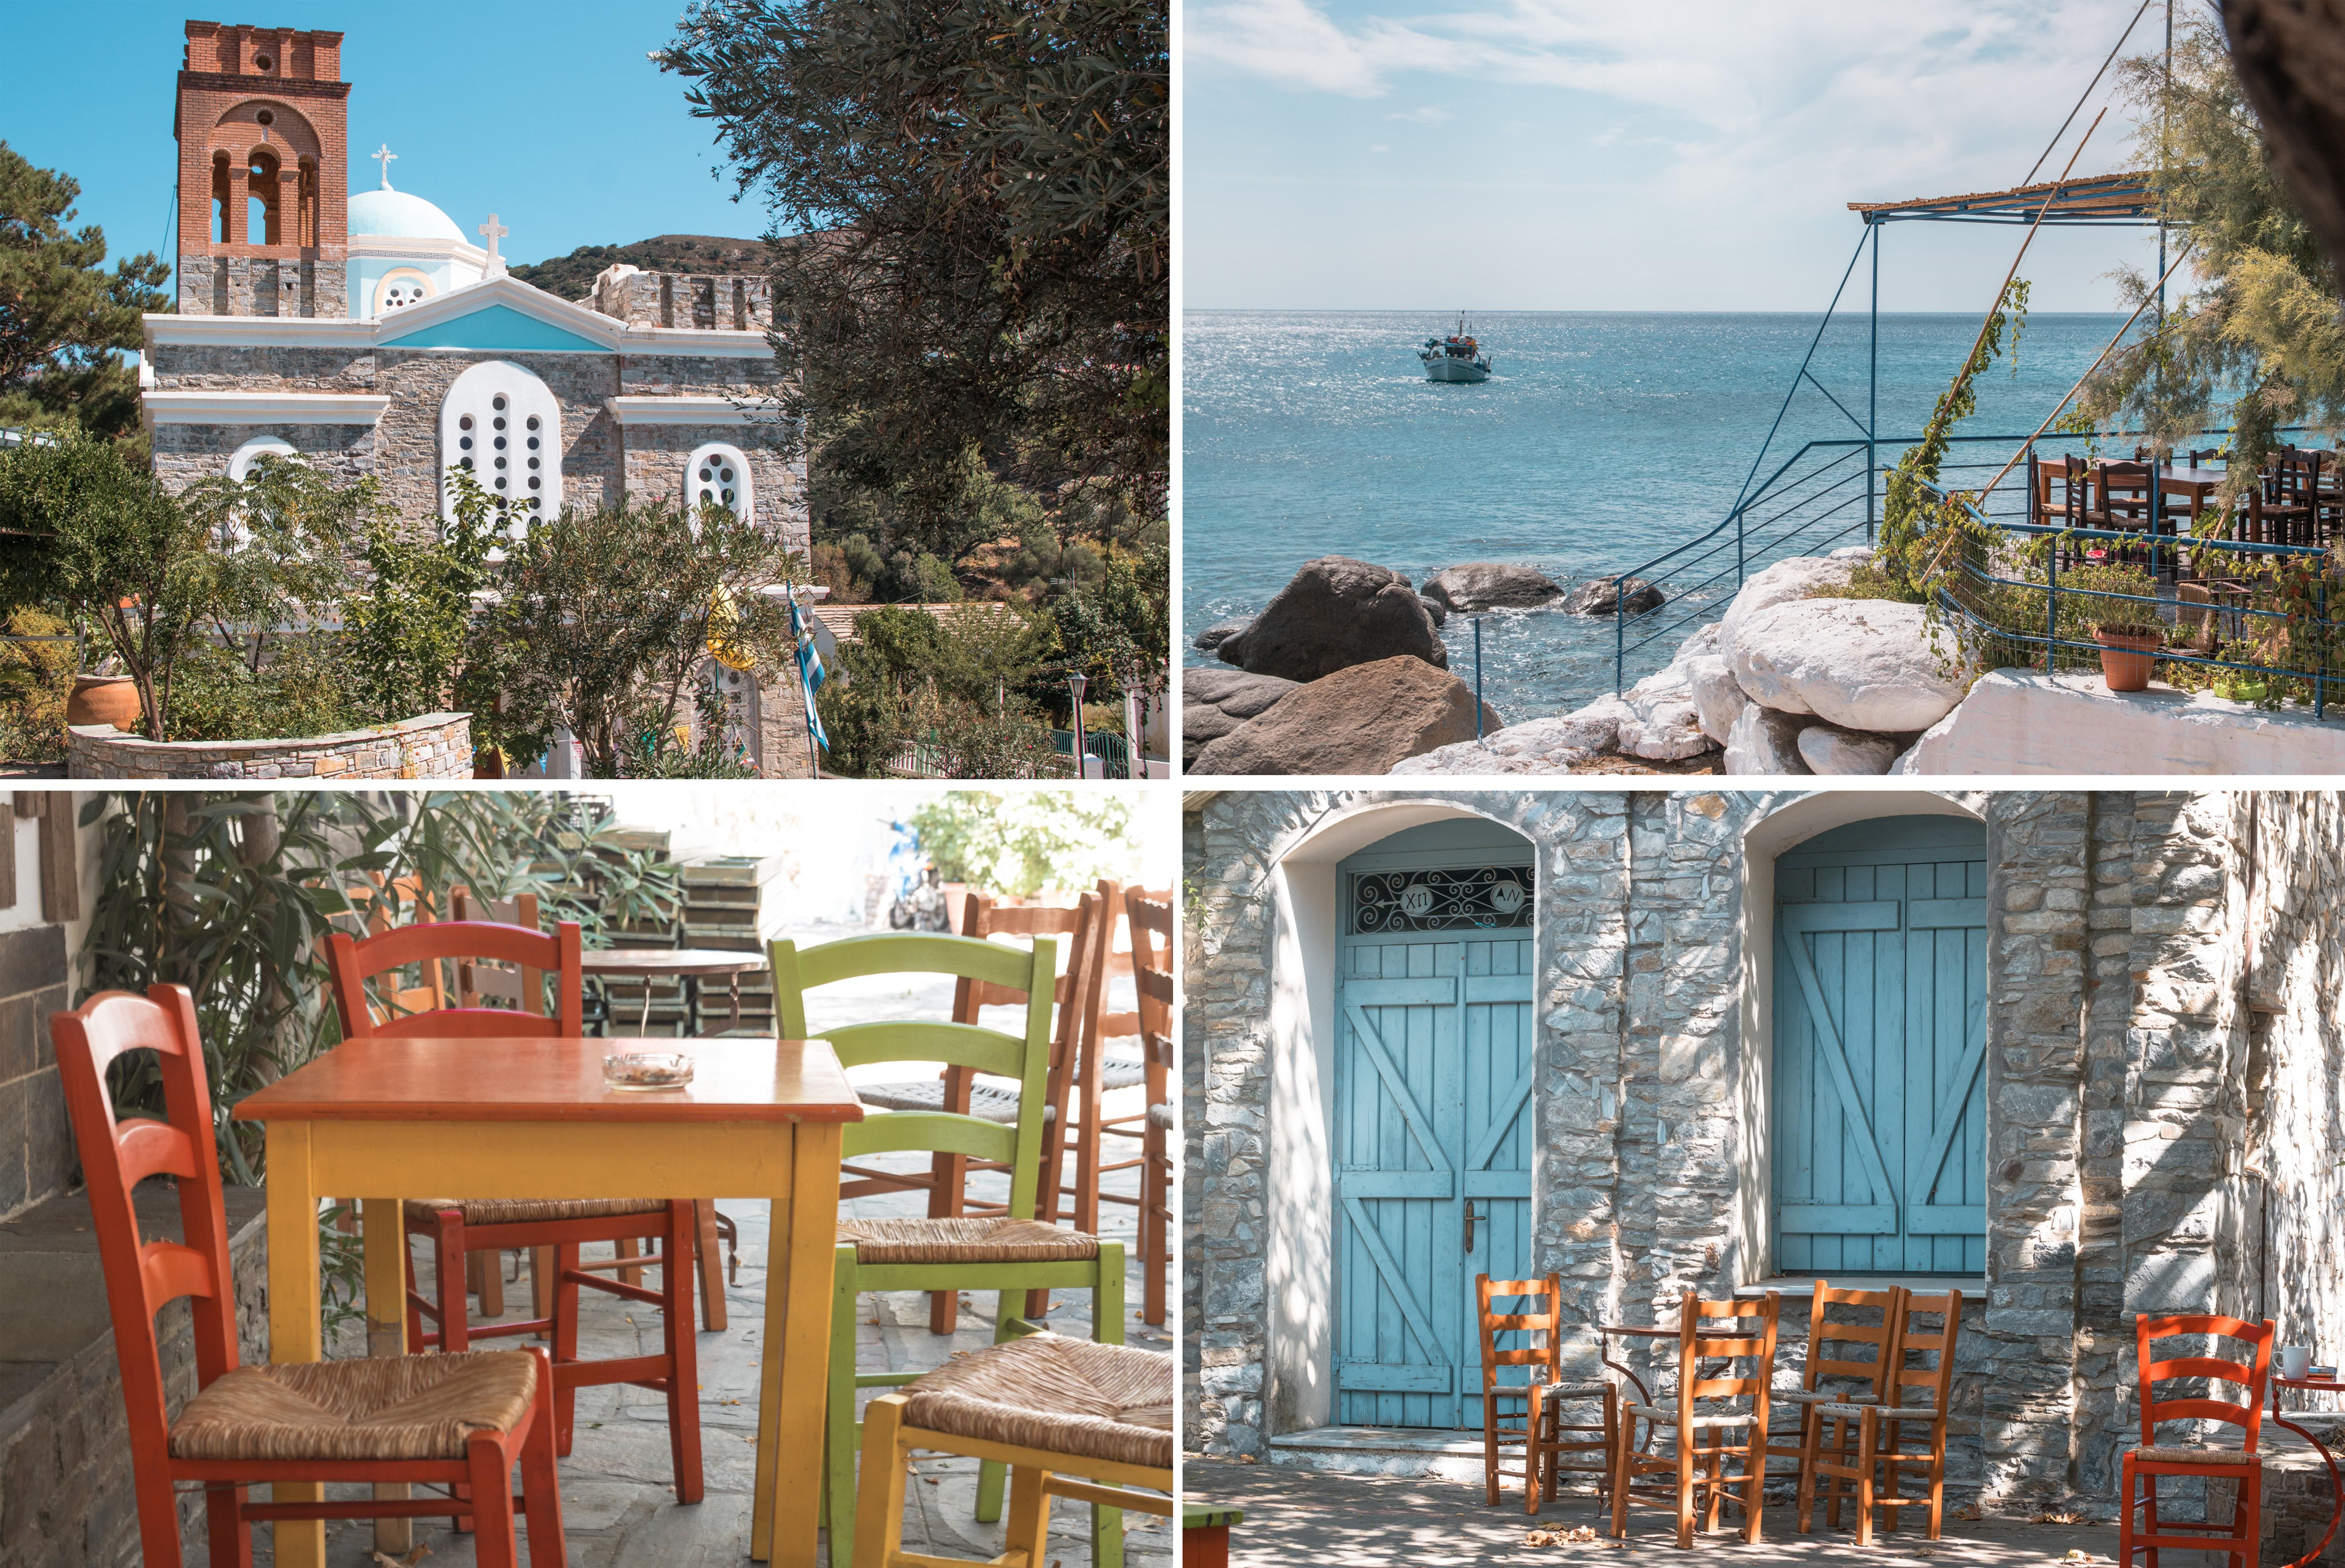 Inselhüpfen Highlights, Tavernen in Ikaria - einfach schön